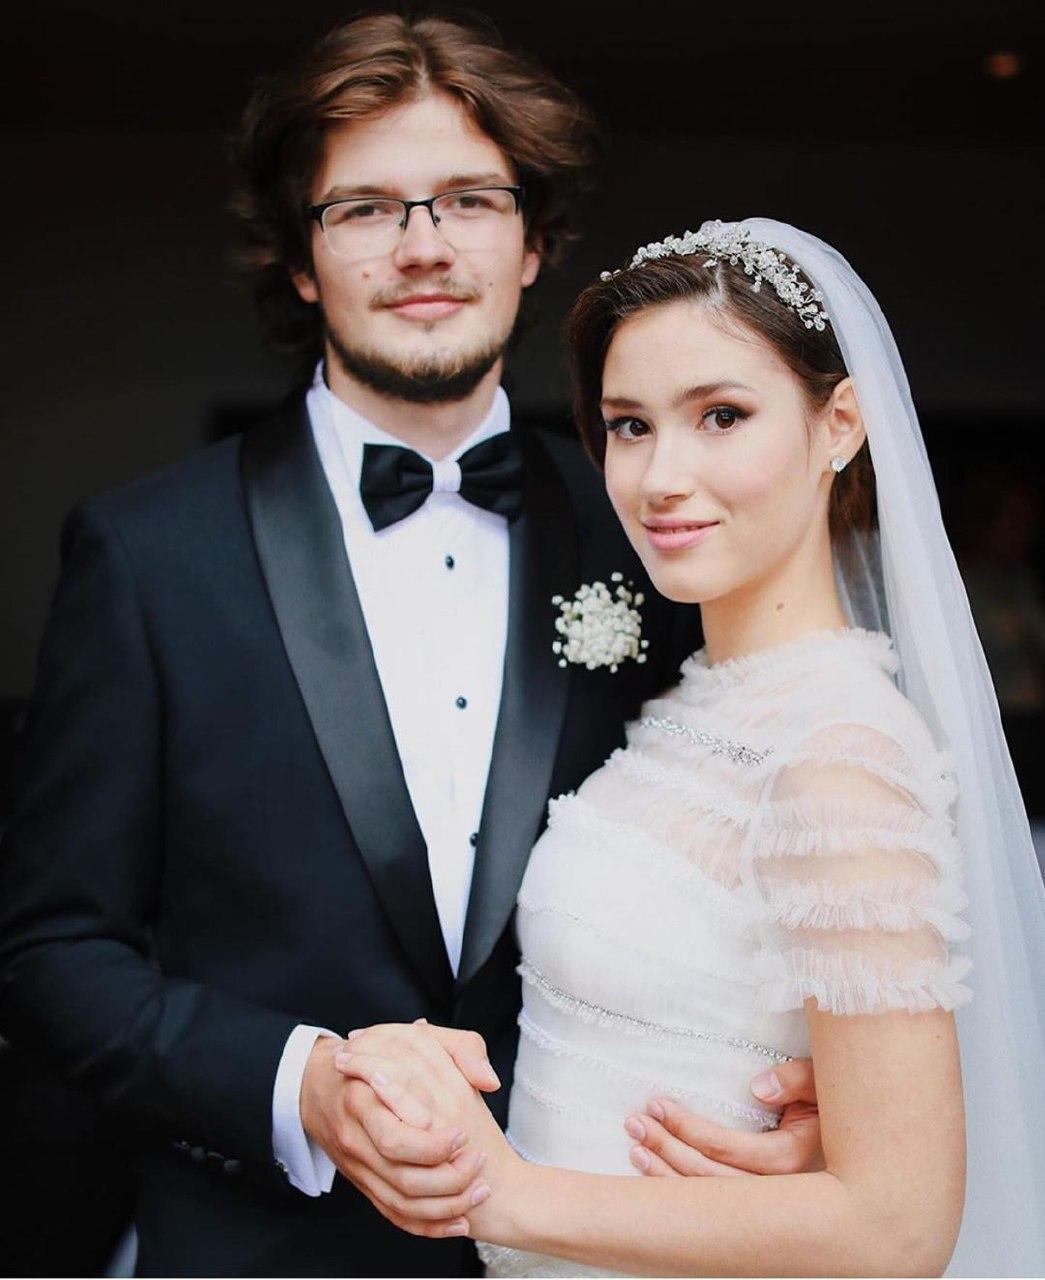 18-річна дочка Нємцова вийшла заміж